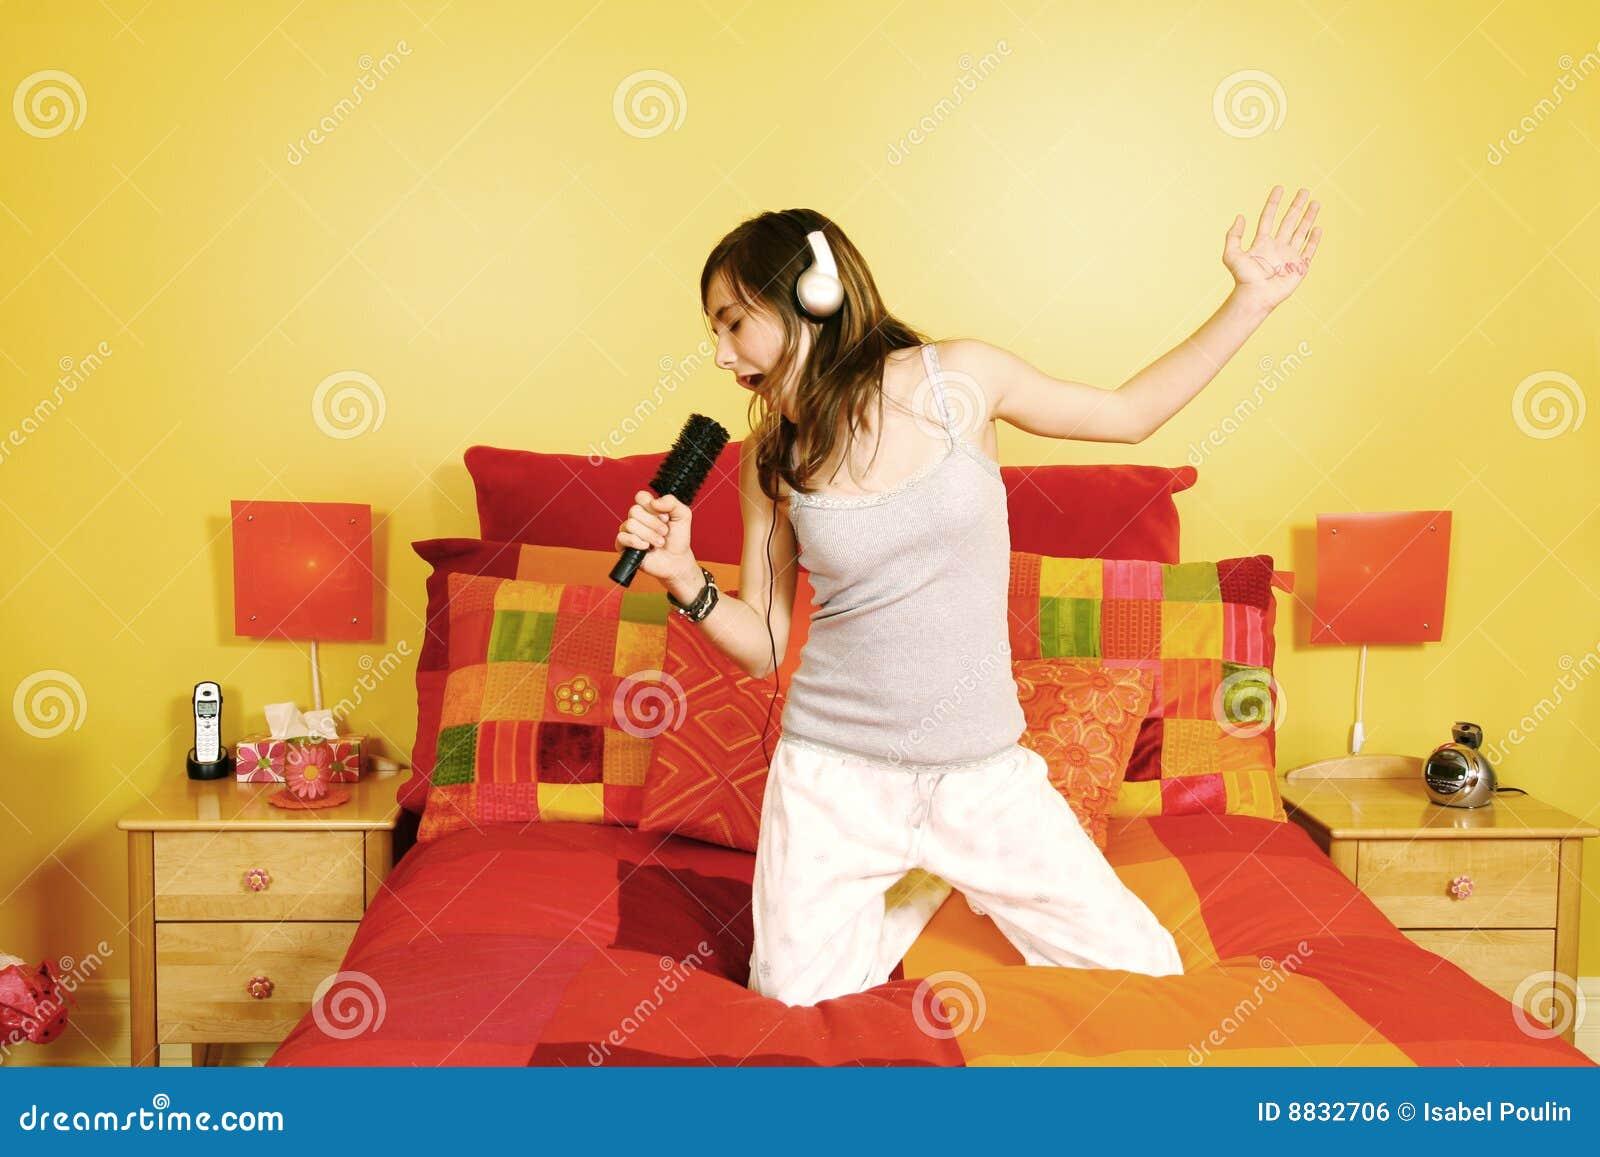 Ragazza teenager che canta nella camera da letto immagine - Musica da camera da letto ...